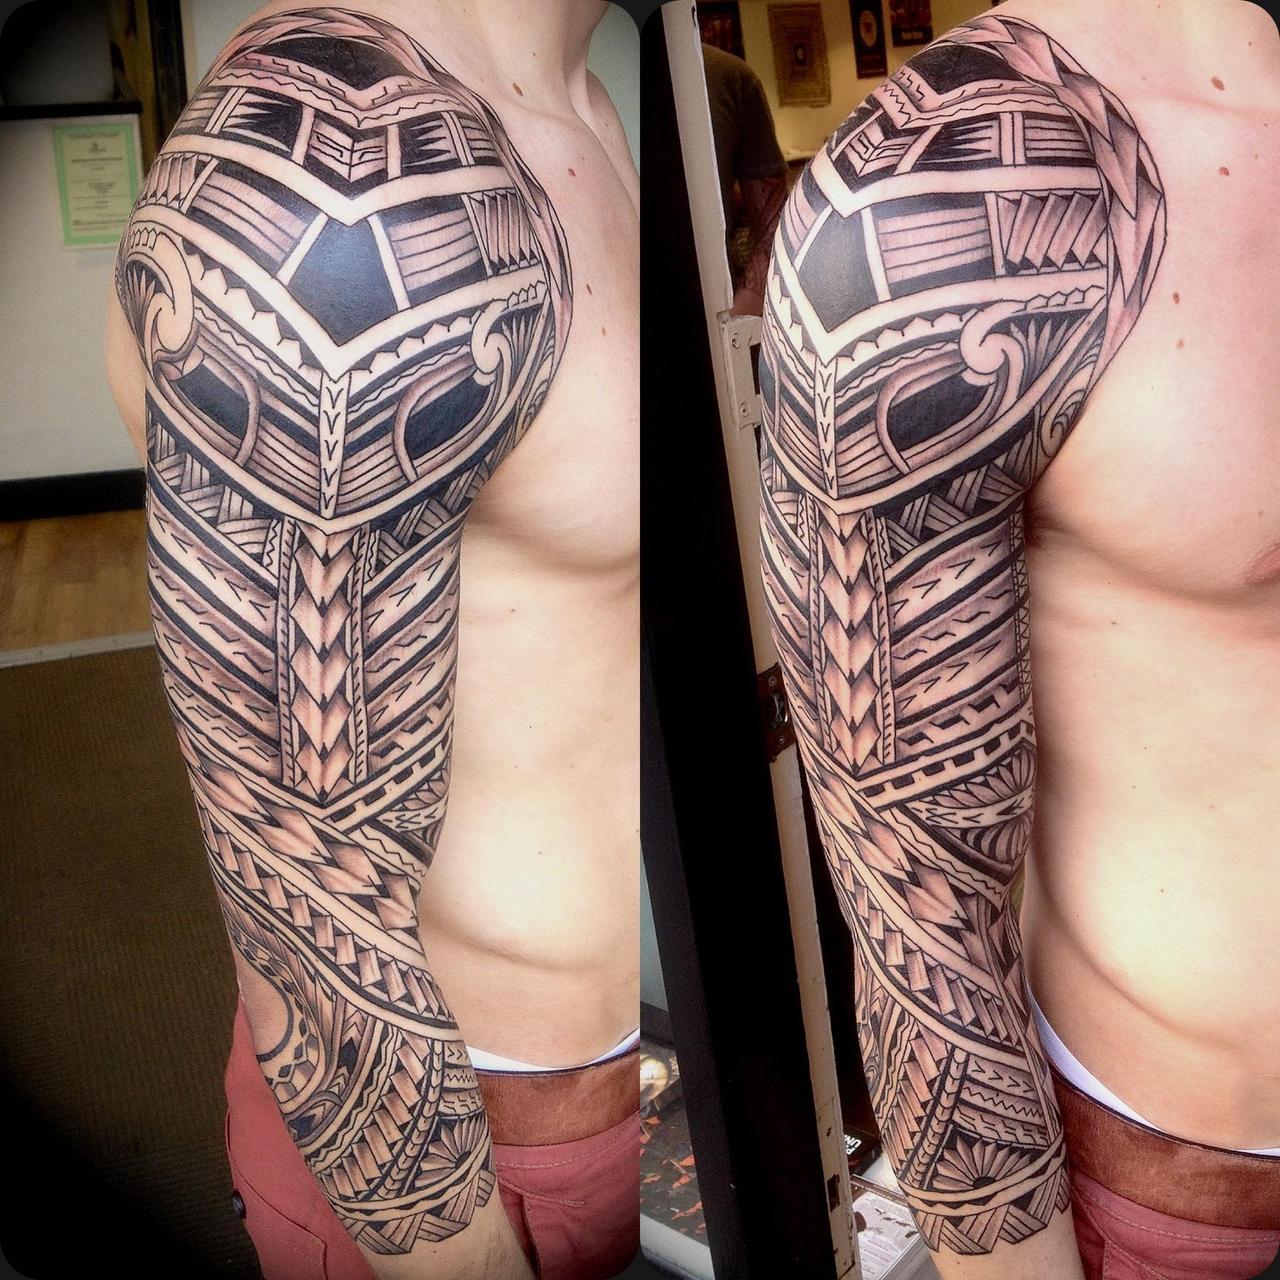 Best Tattoo Sleeve Ideas: Amazing Full Black Sleeve